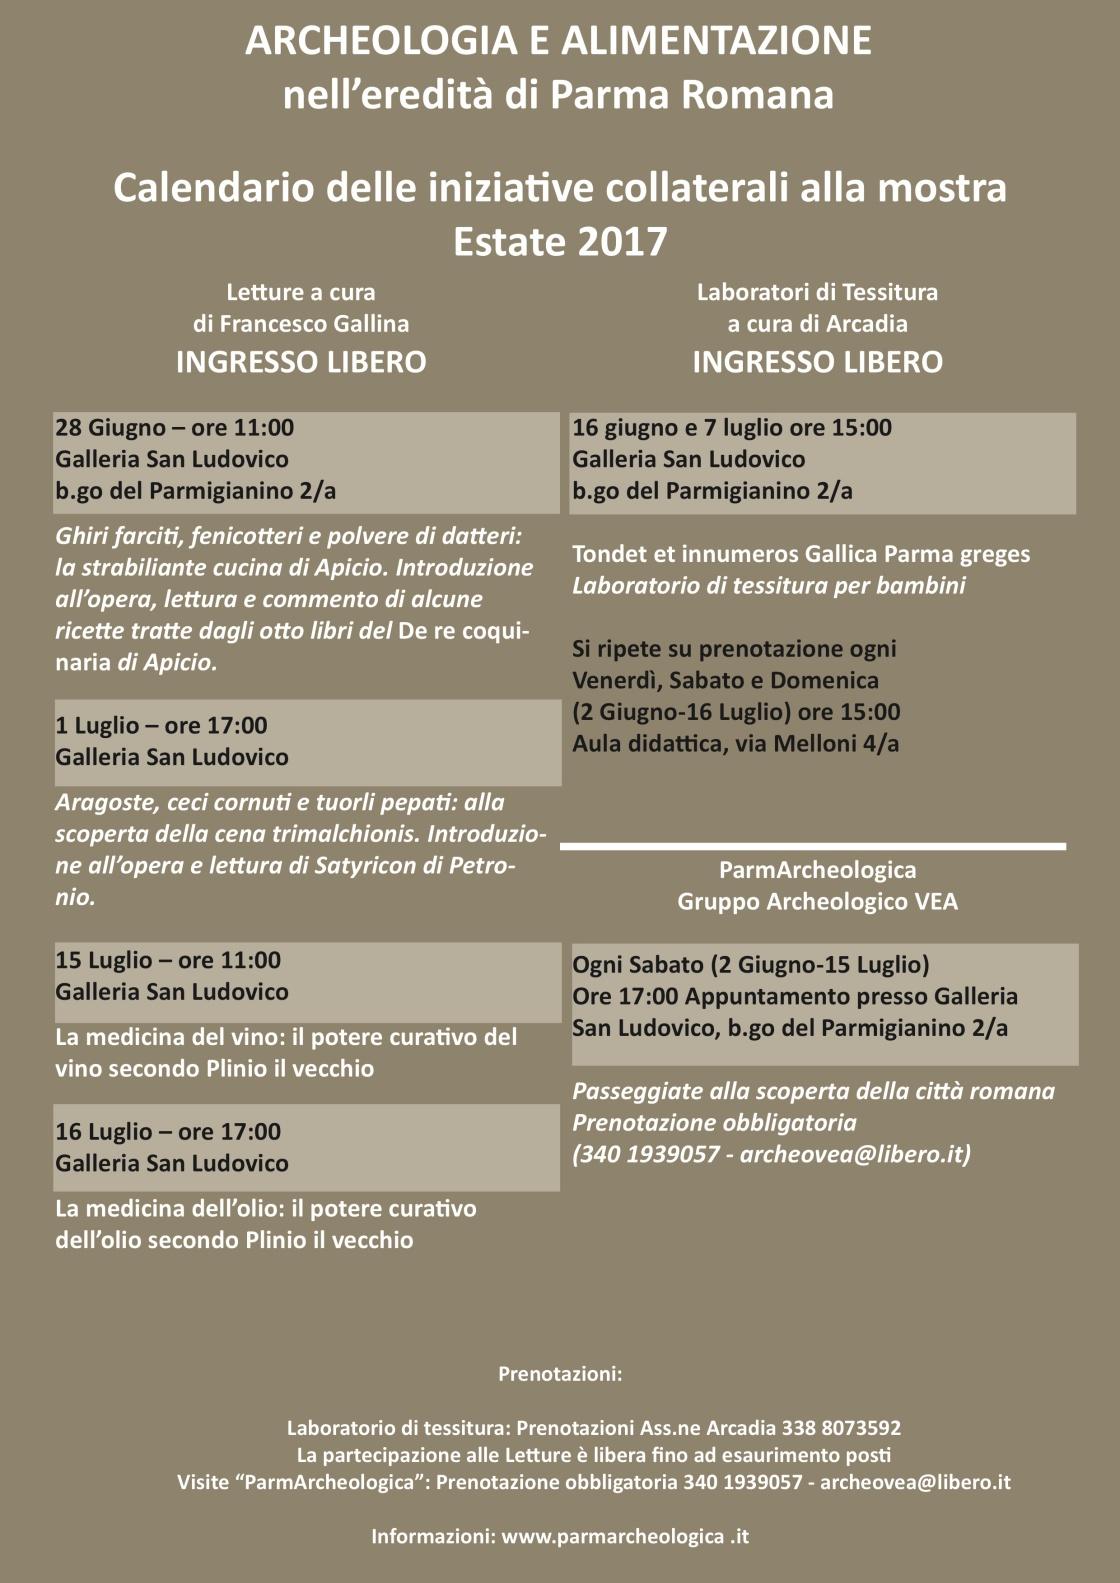 Calendario_iniziative.jpg